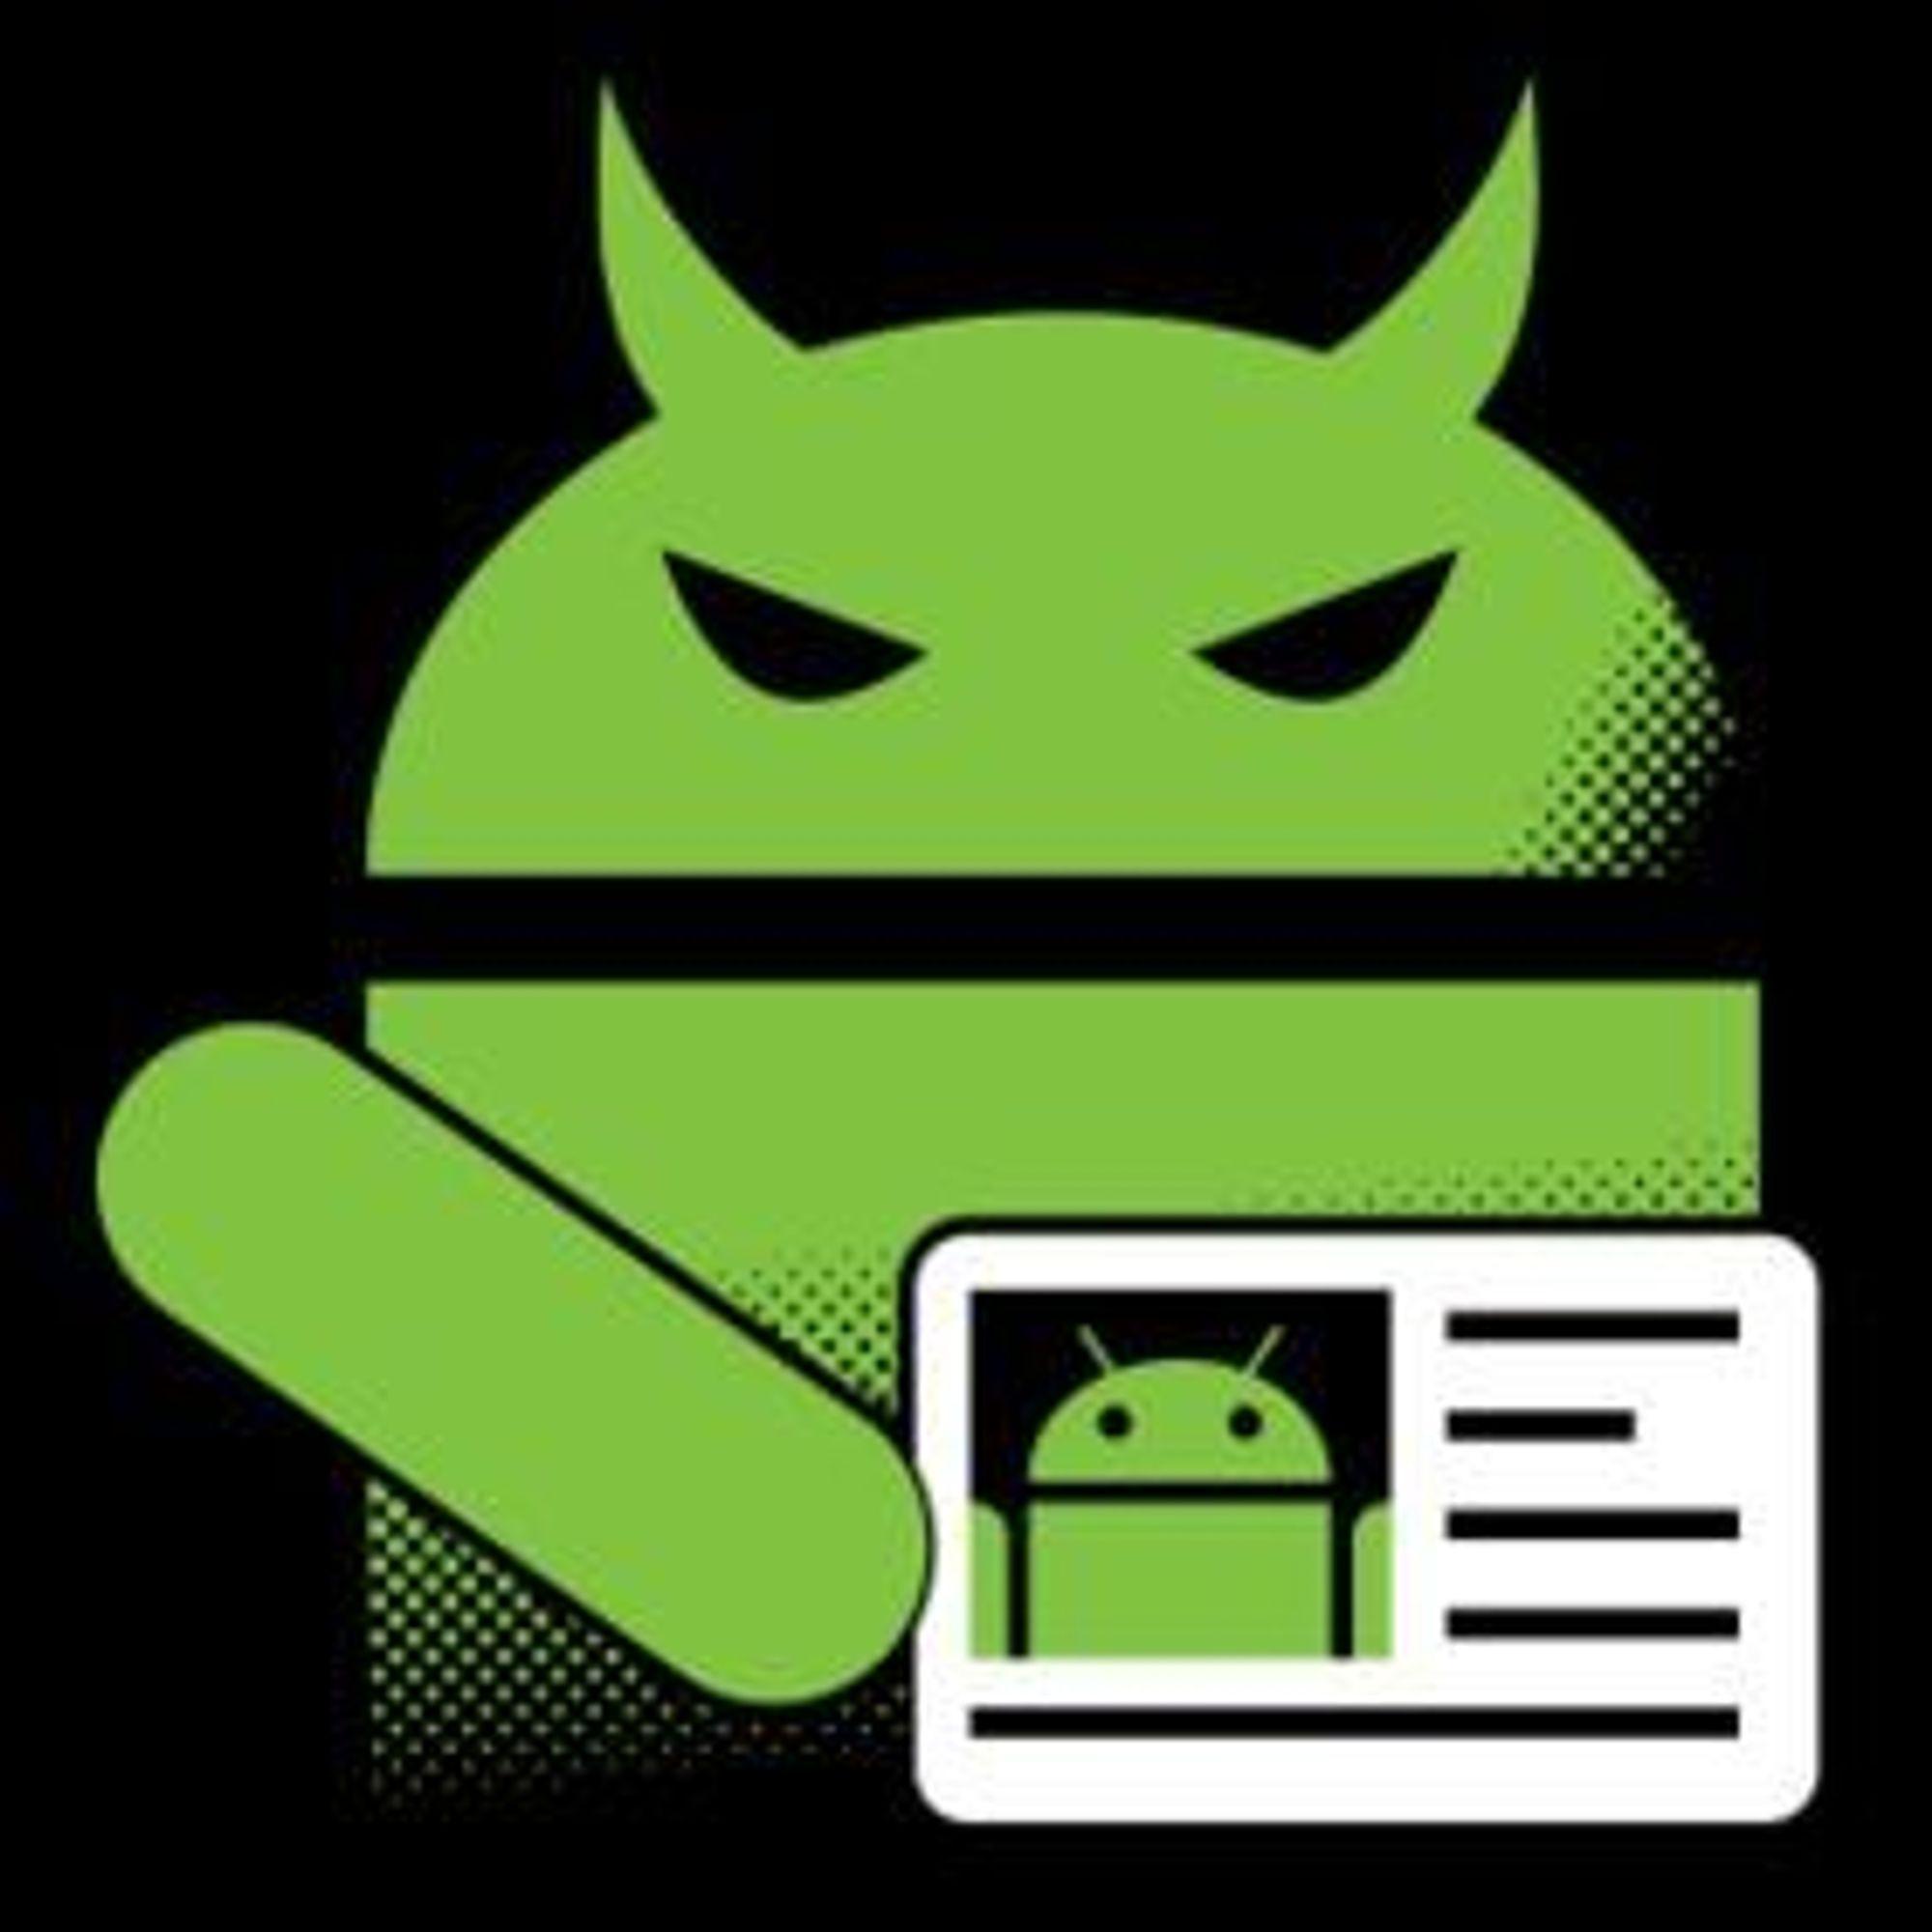 Sårbarheten gjør det mulig for Android-applikasjoner å bruke falsk ID.